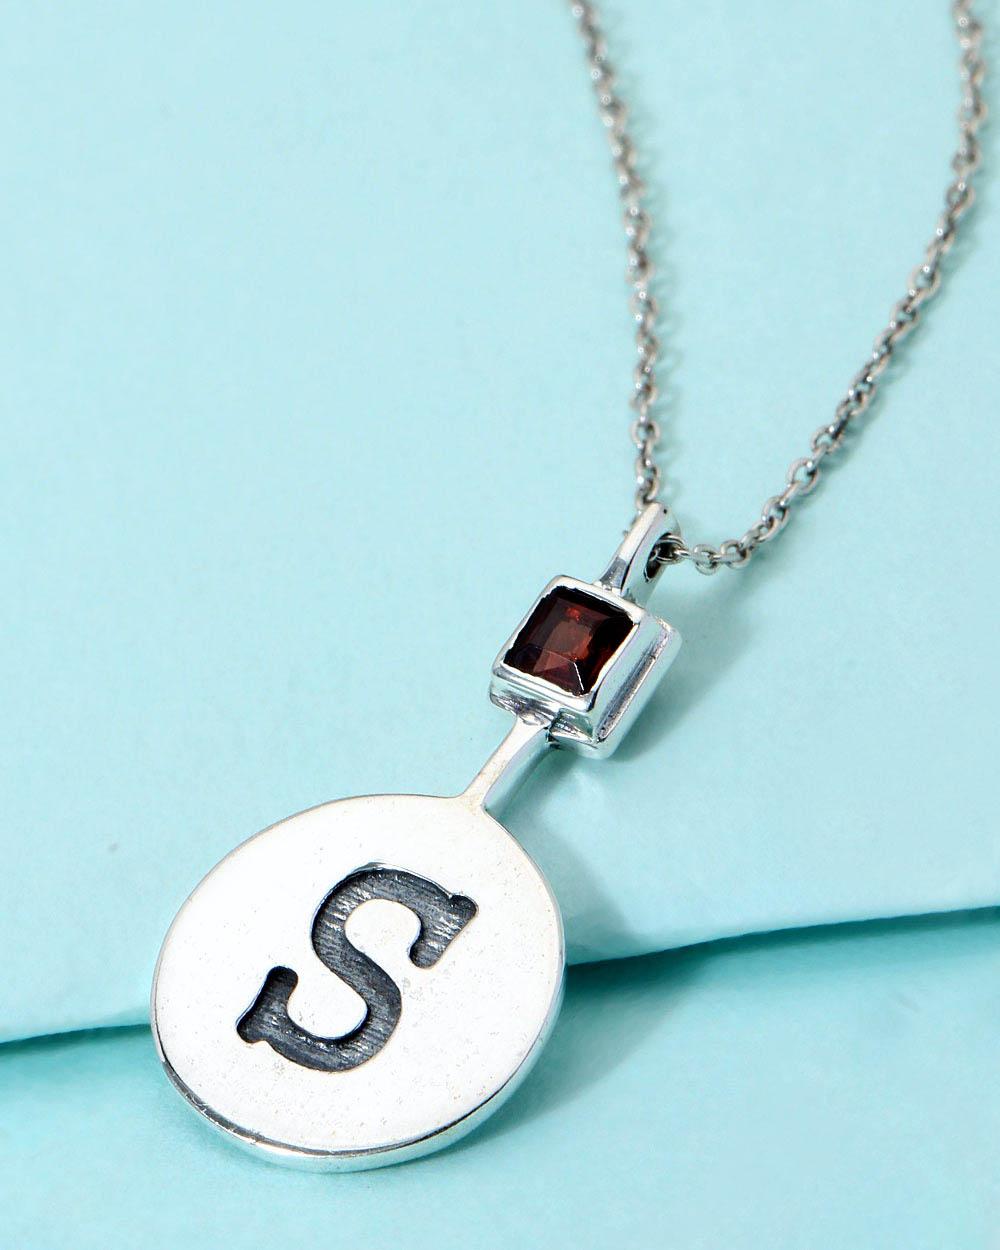 Buy Alphabet \'S\' Motif Pendant With Chain Online India   Voylla